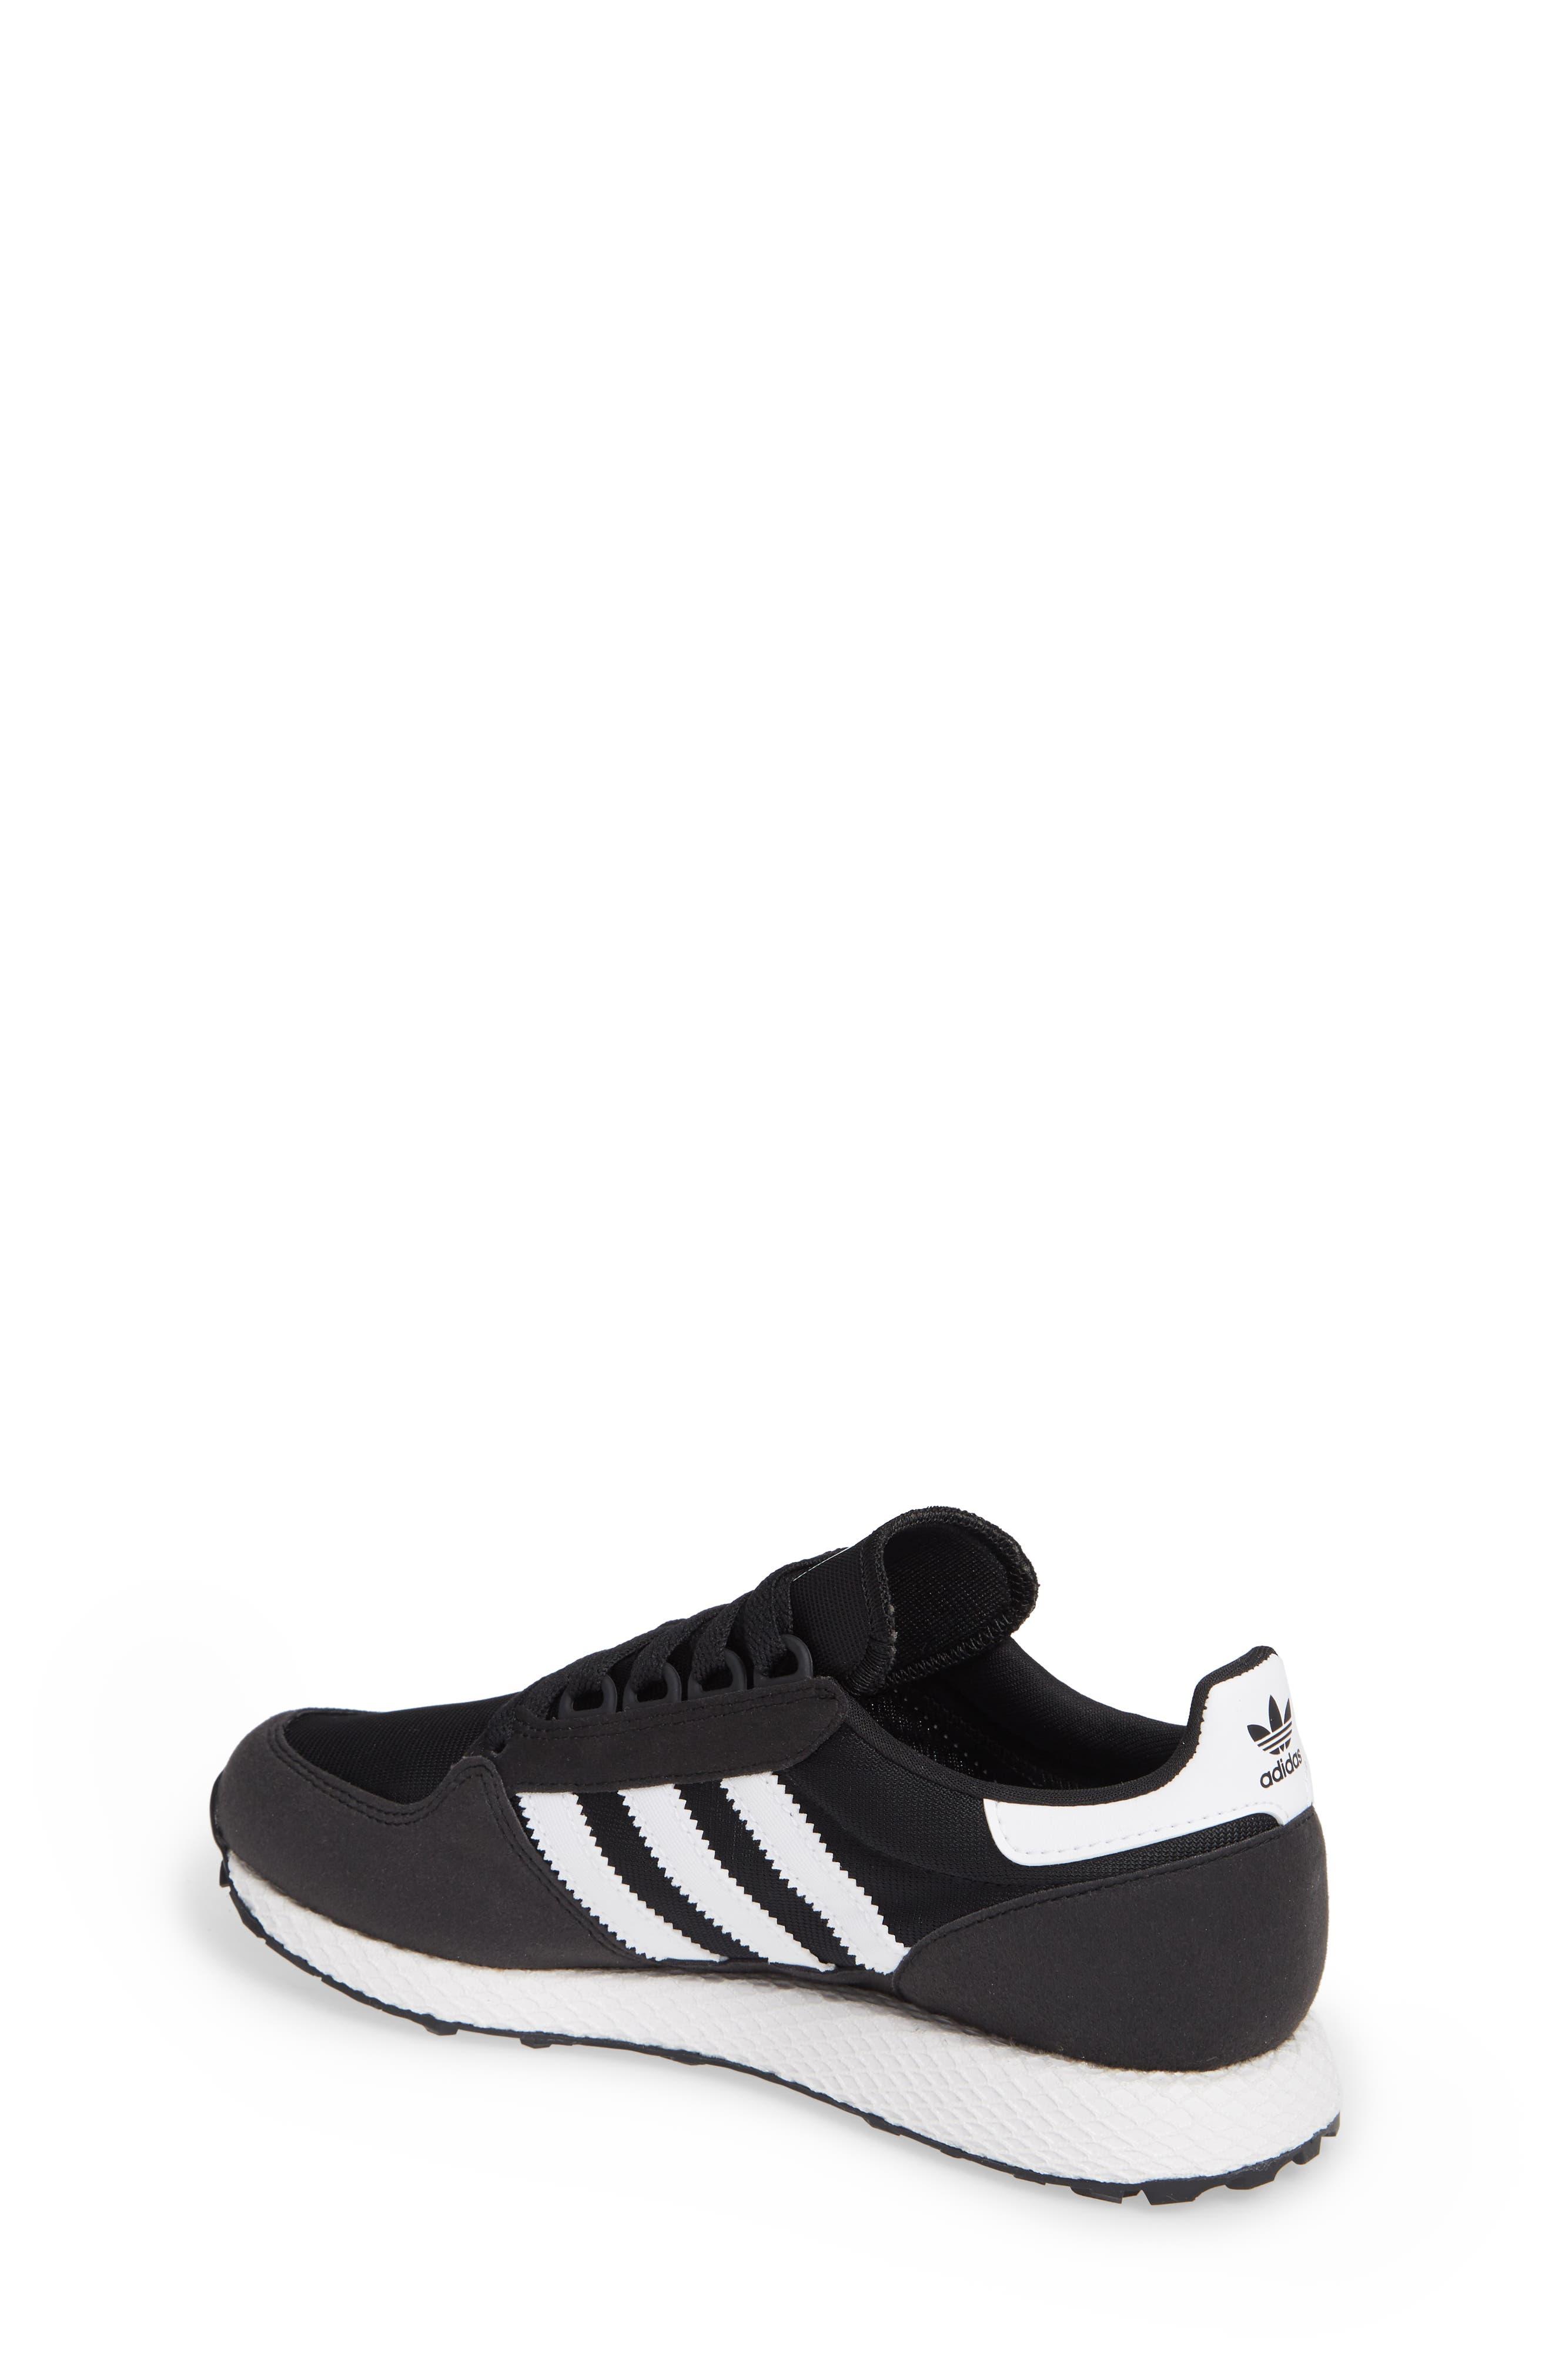 Forest Grove Sneaker,                             Alternate thumbnail 2, color,                             BLACK/ WHITE/ BLACK